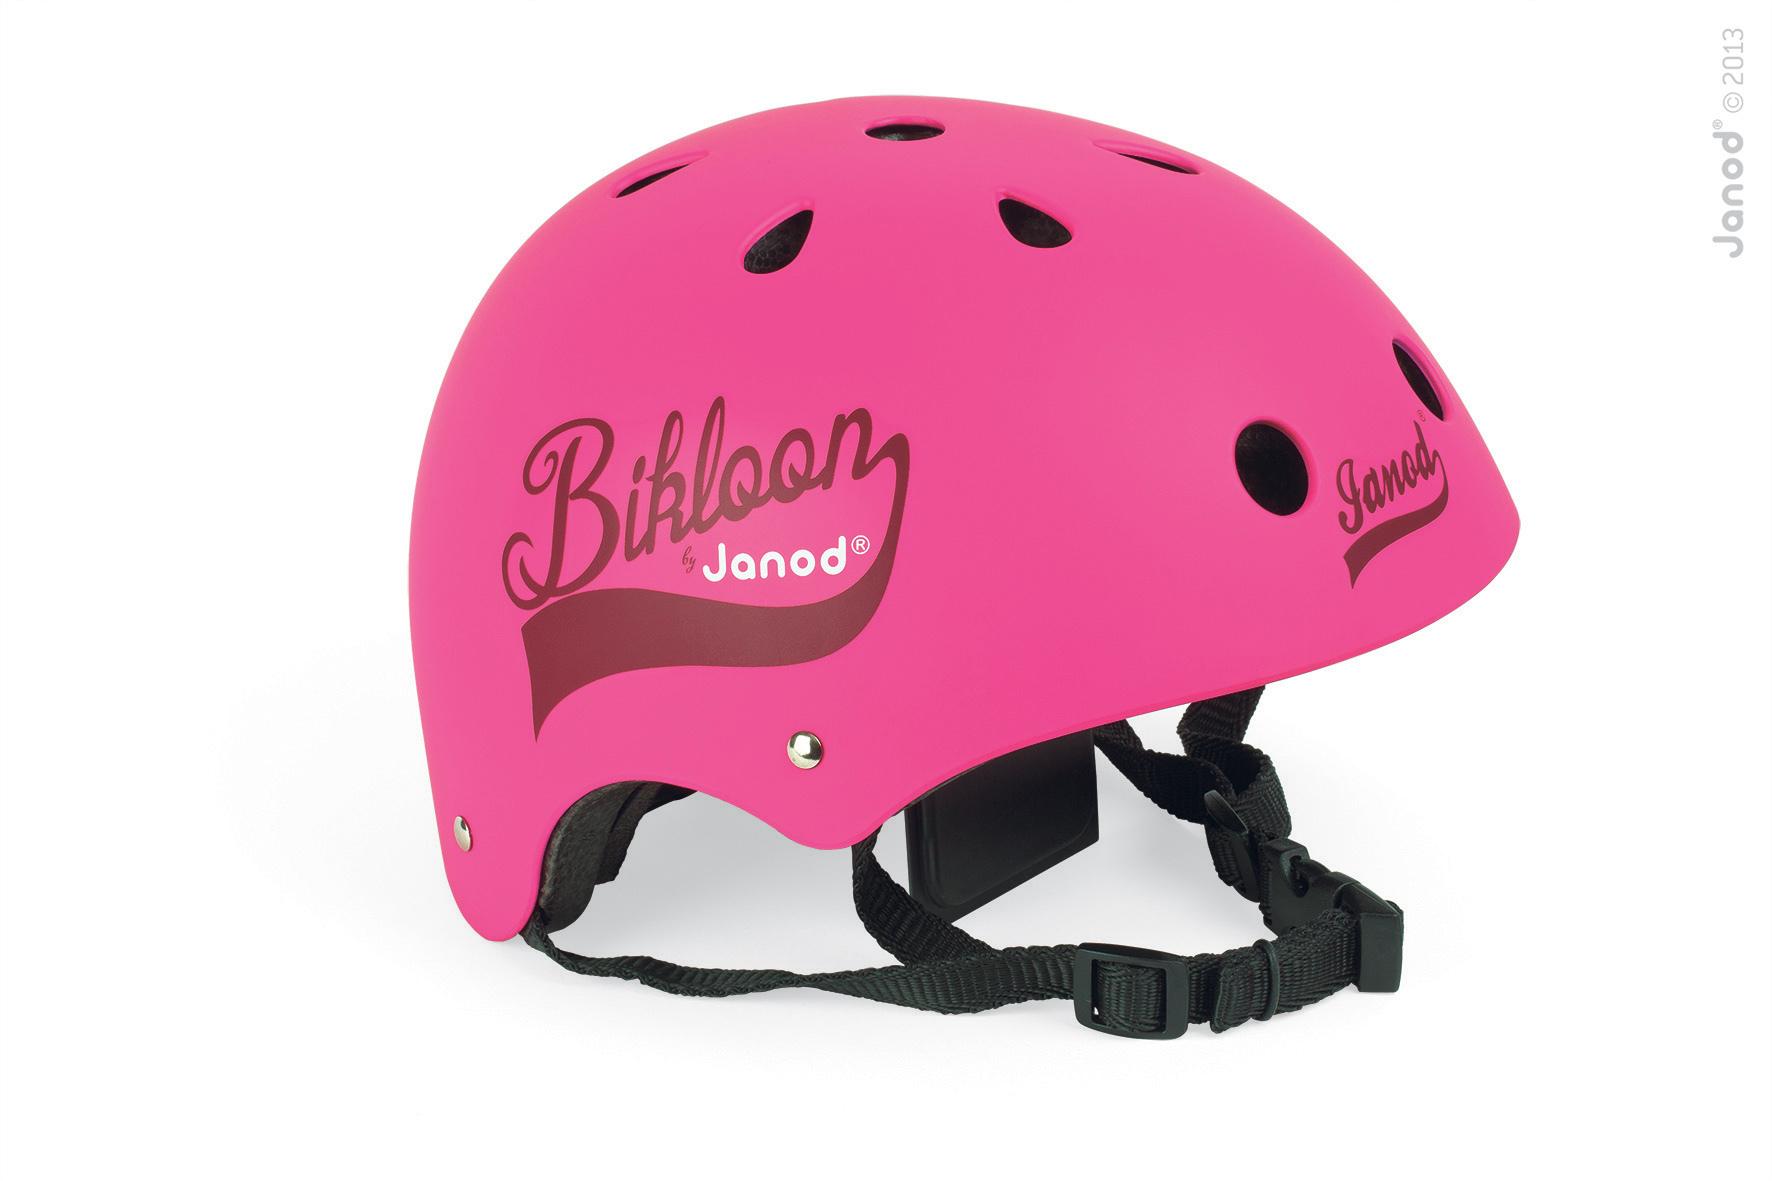 Detské prilby - Cyklistická prilba Bikloon Pink Janod s ventiláciou veľkosť 47-54 ružová